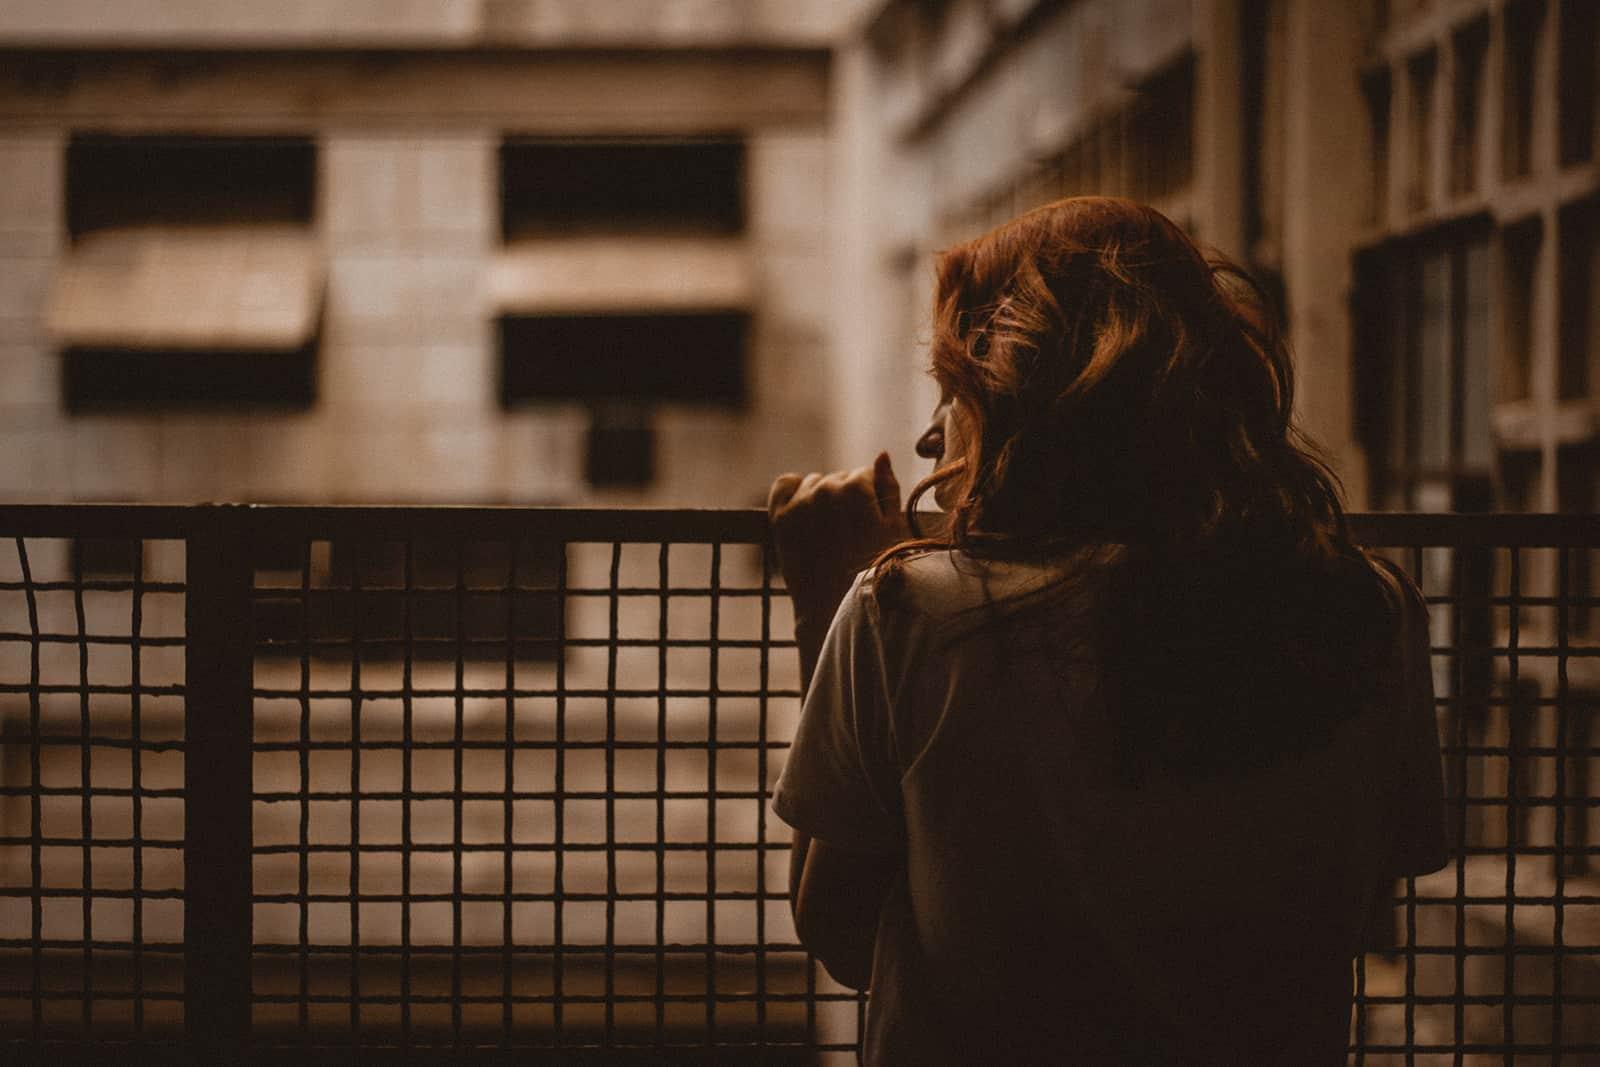 eine Frau, die sich am Geländer festhält und zur Seite schaut